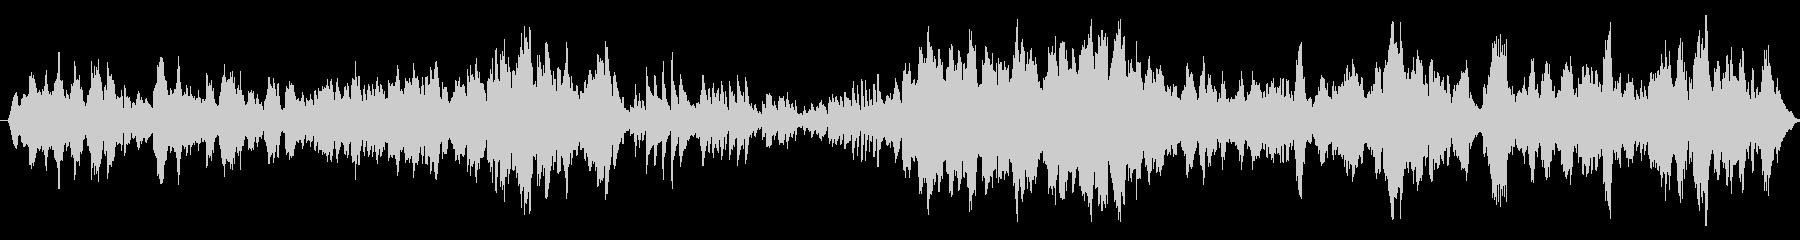 ヴァイオリンとピアノのシンプルな曲ですの未再生の波形